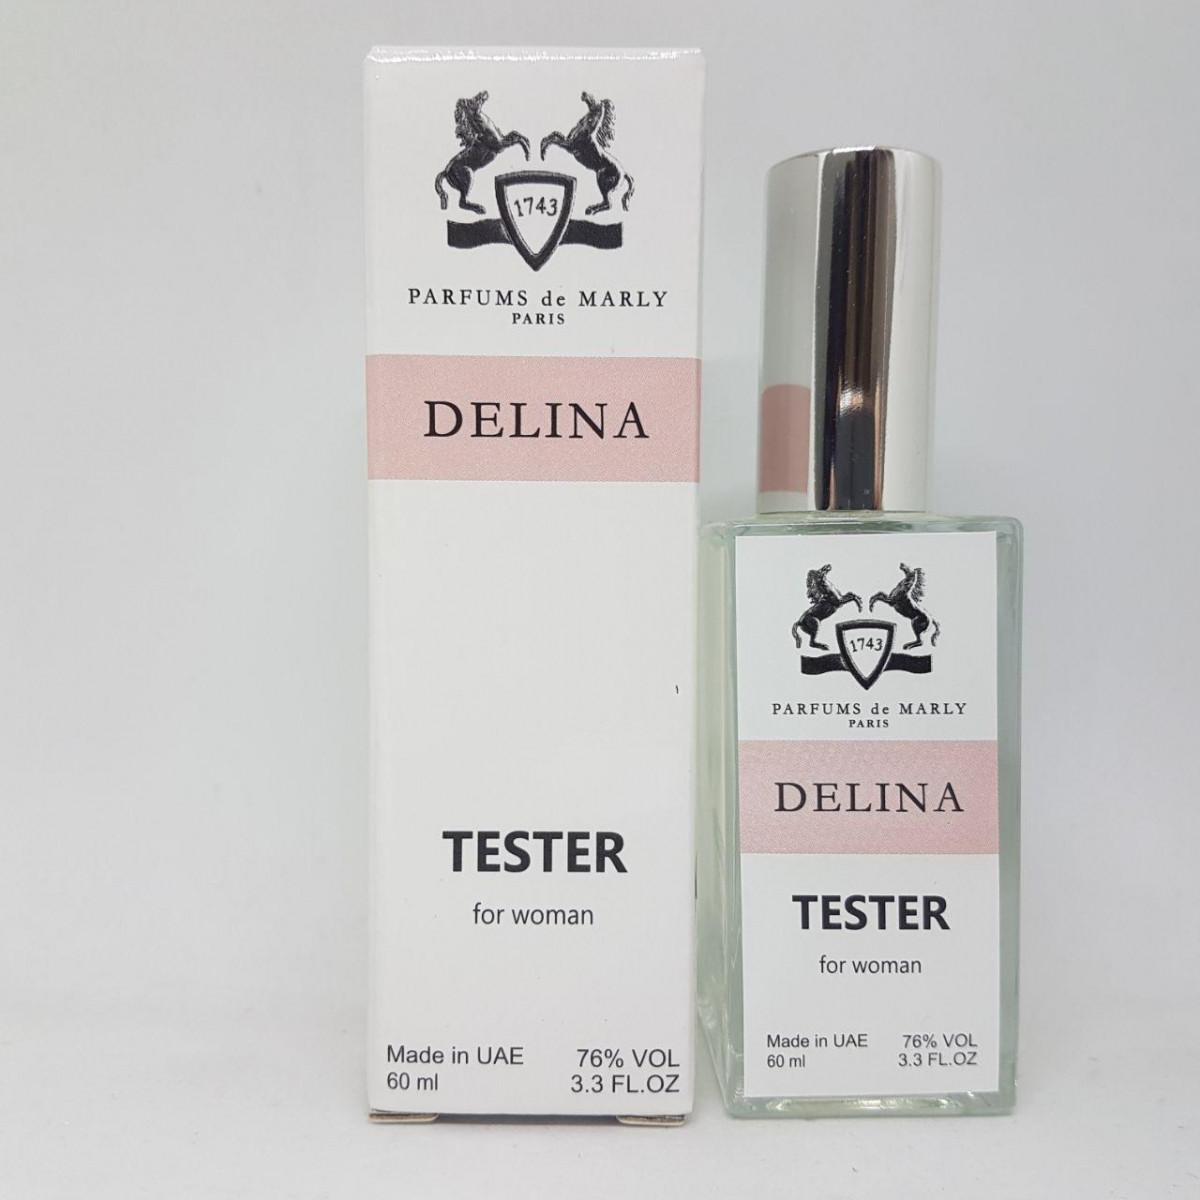 Parfums de Marly Delina - Dubai Tester 60ml